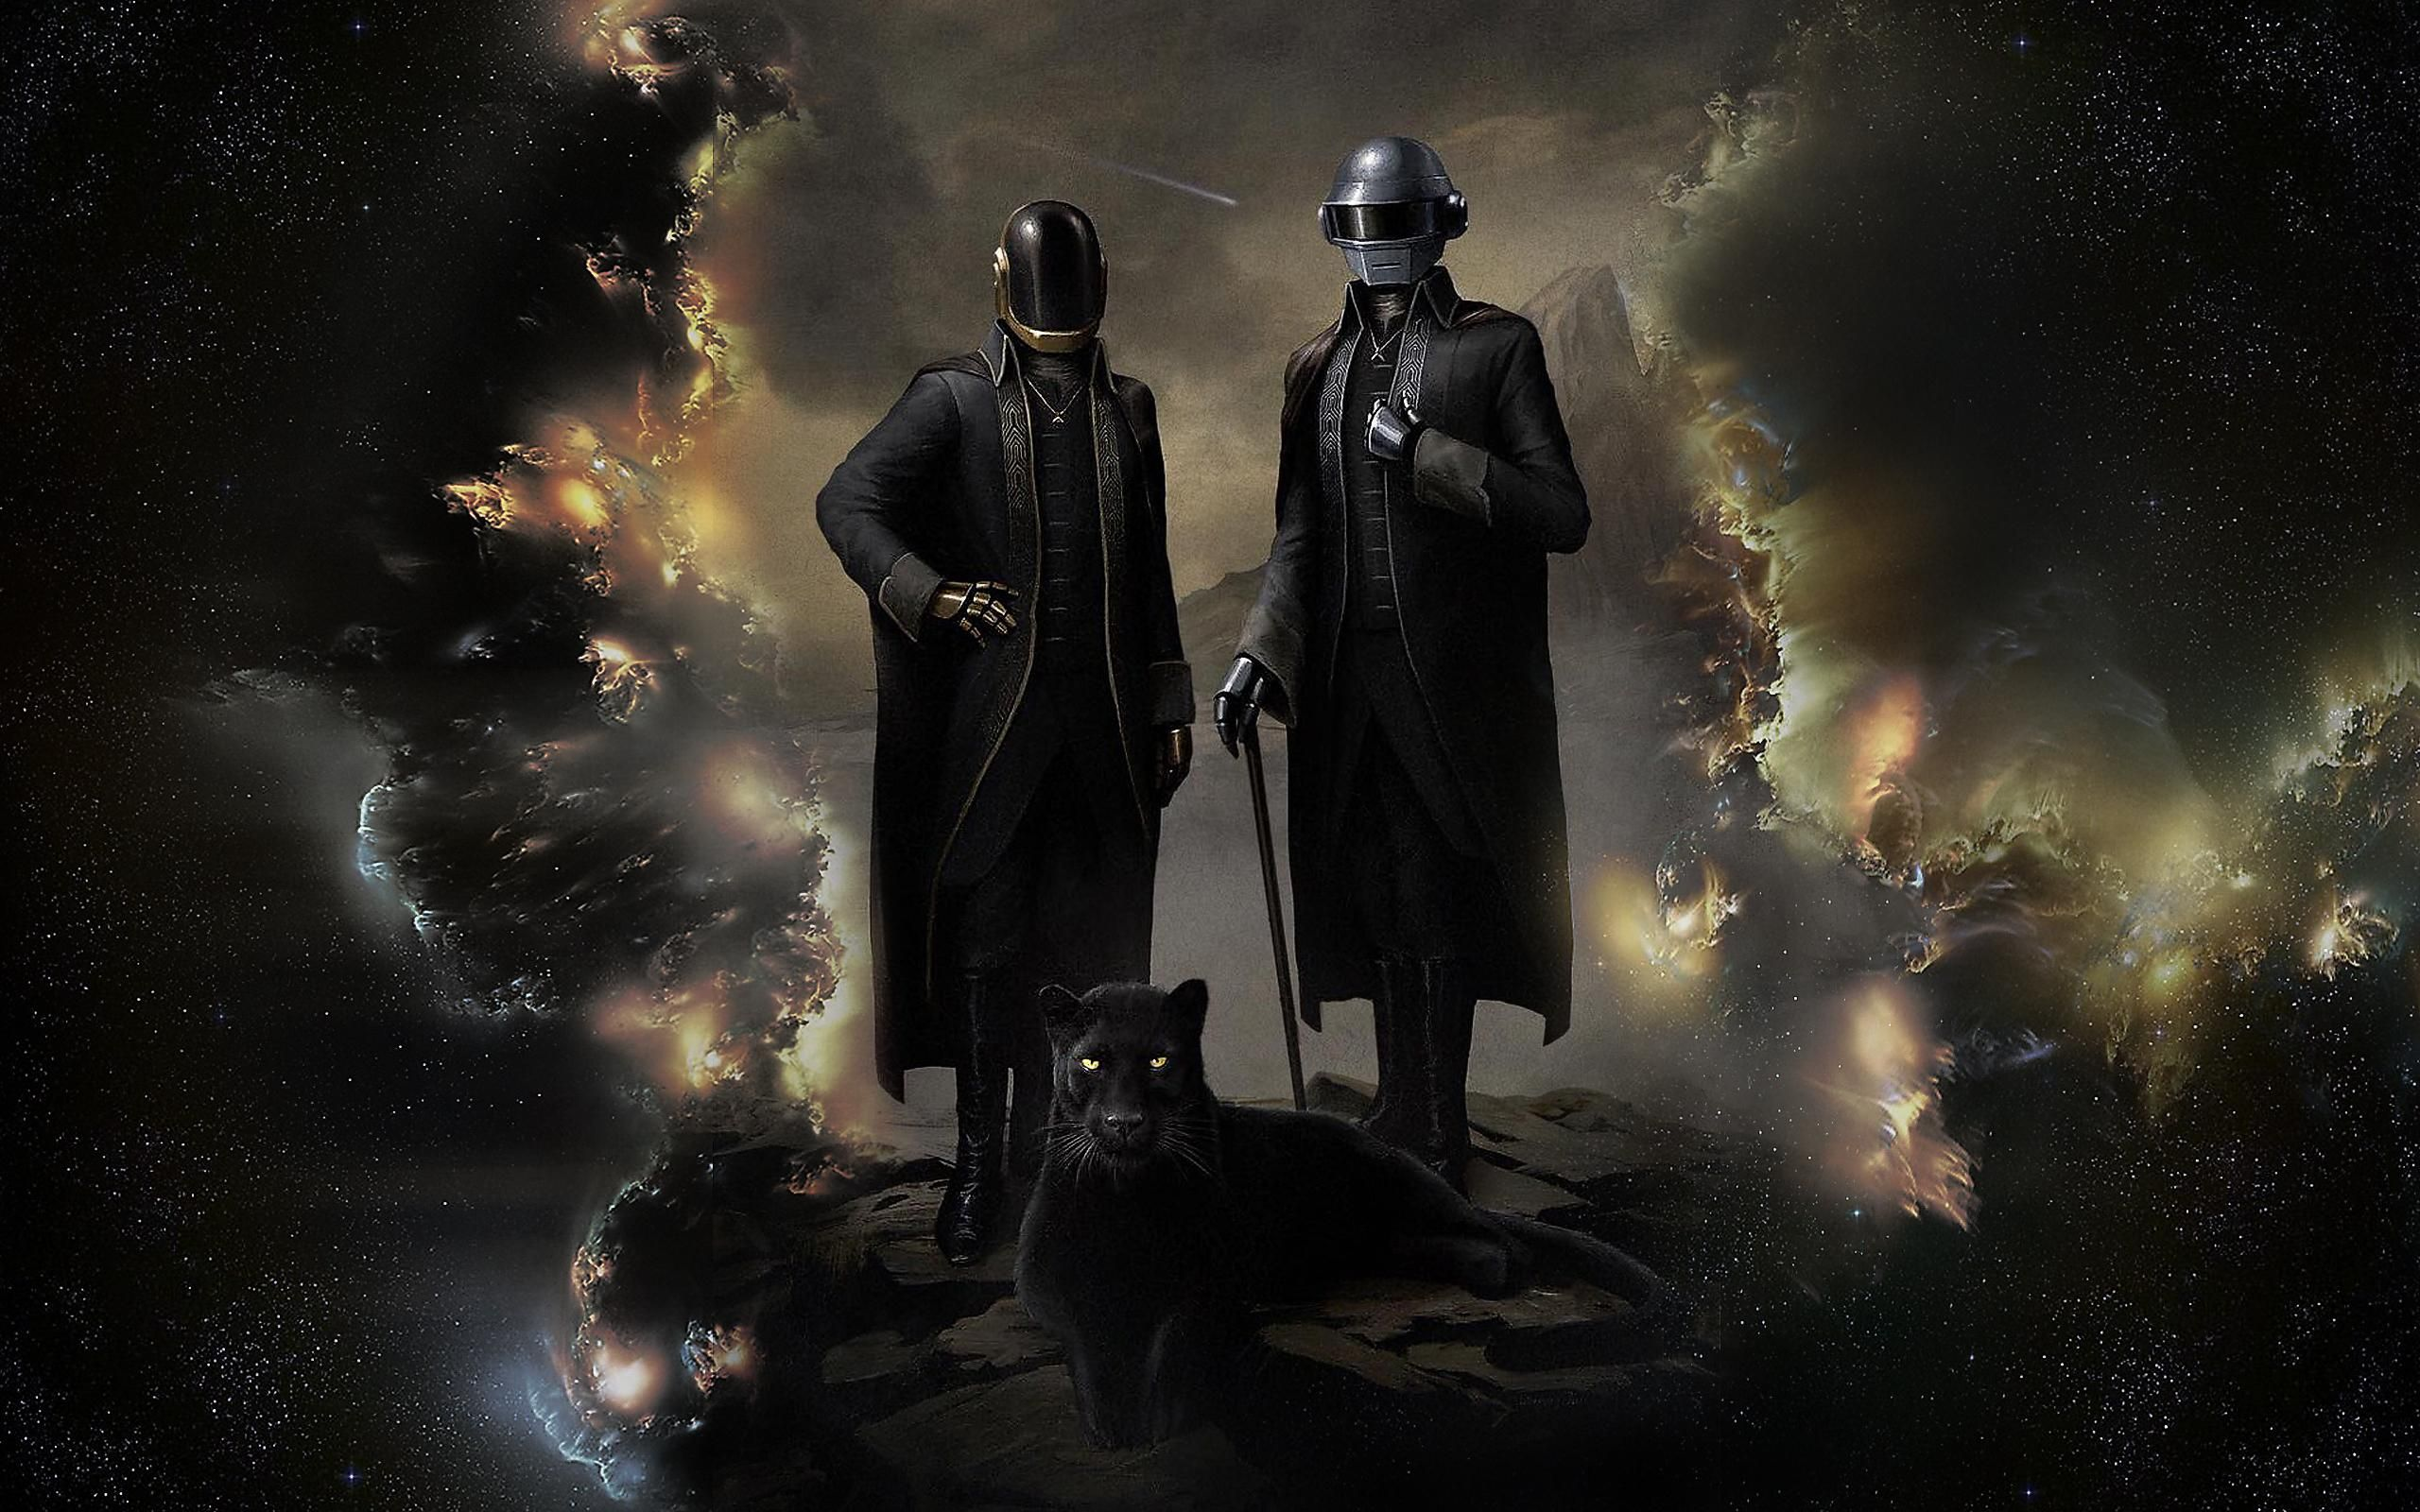 Daft Punk Wallpaper 14 2560 X 1600 Stmed Net In 2020 Daft Punk Punk Punk Art